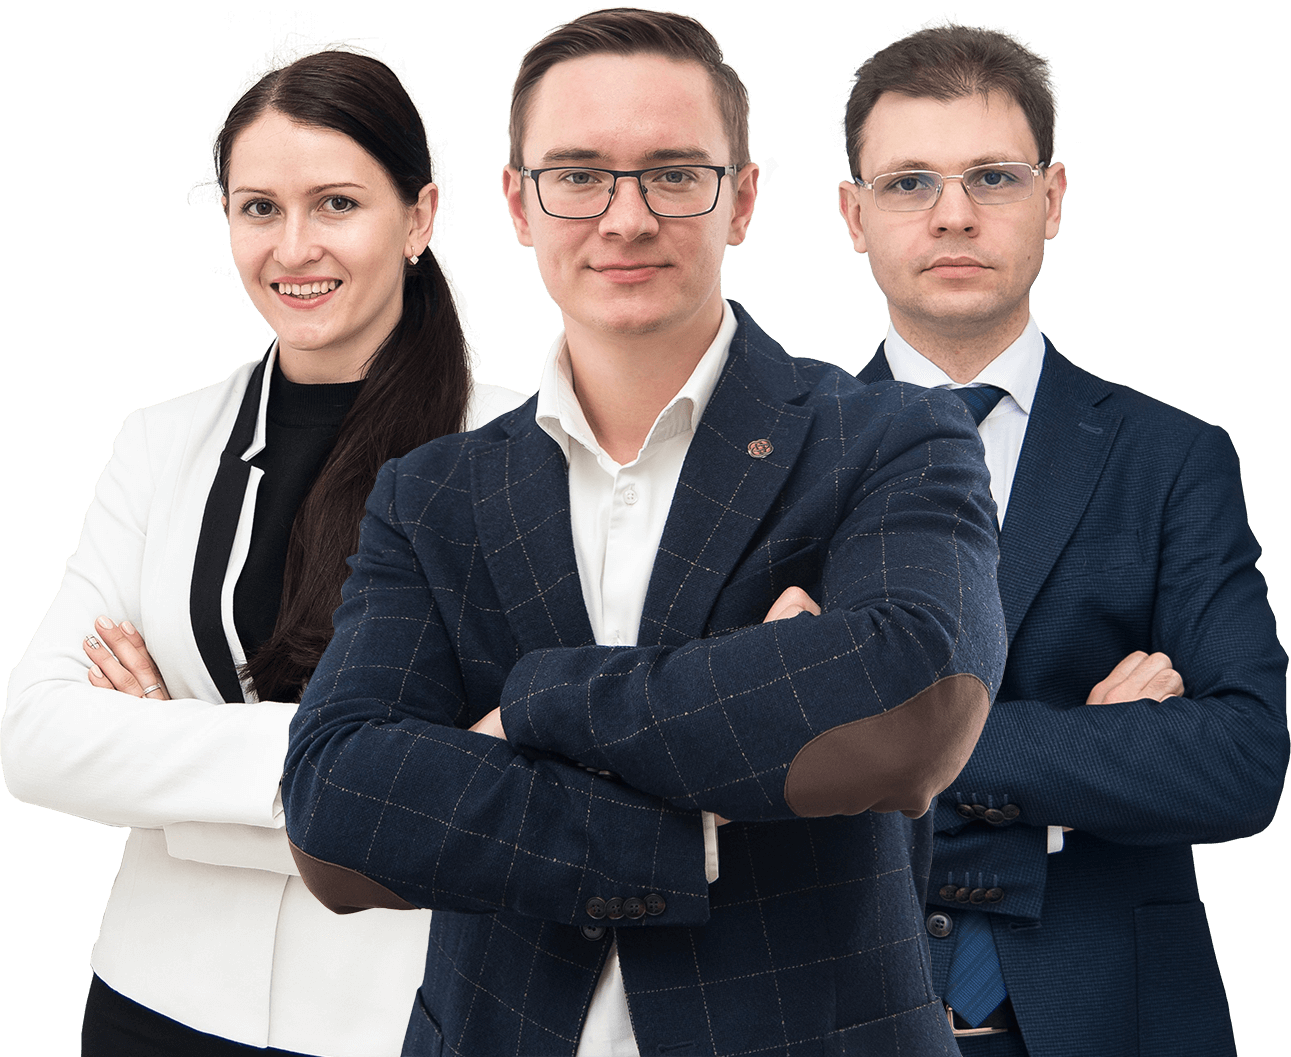 Юридична компанія Армада. Команда - Юридичний супровід бізнесу